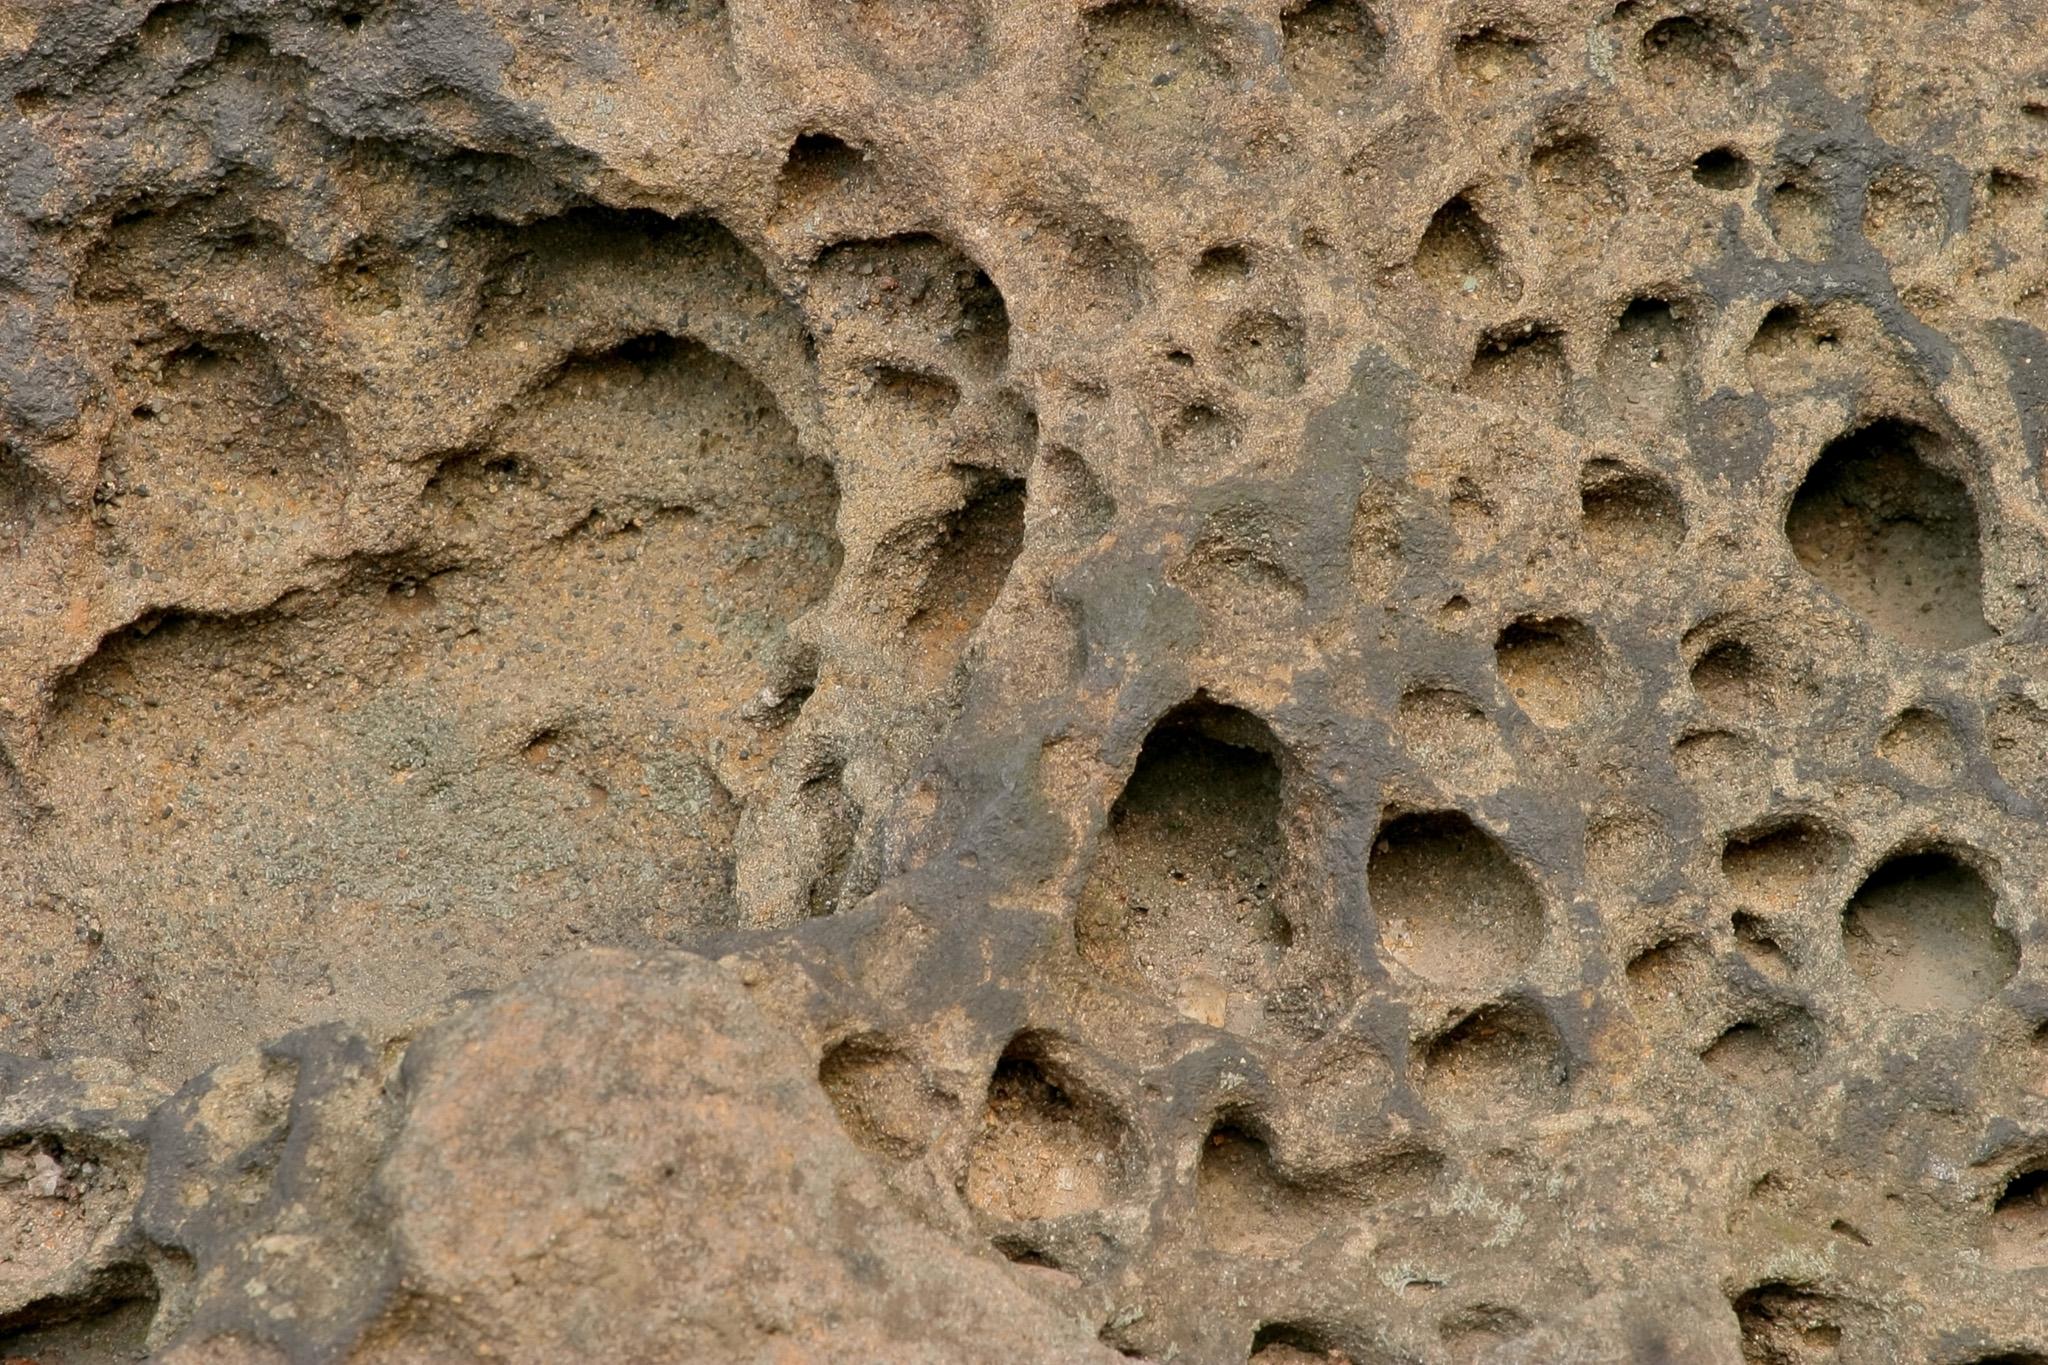 「風化した岩の画像」のテクスチャを無料ダウンロード